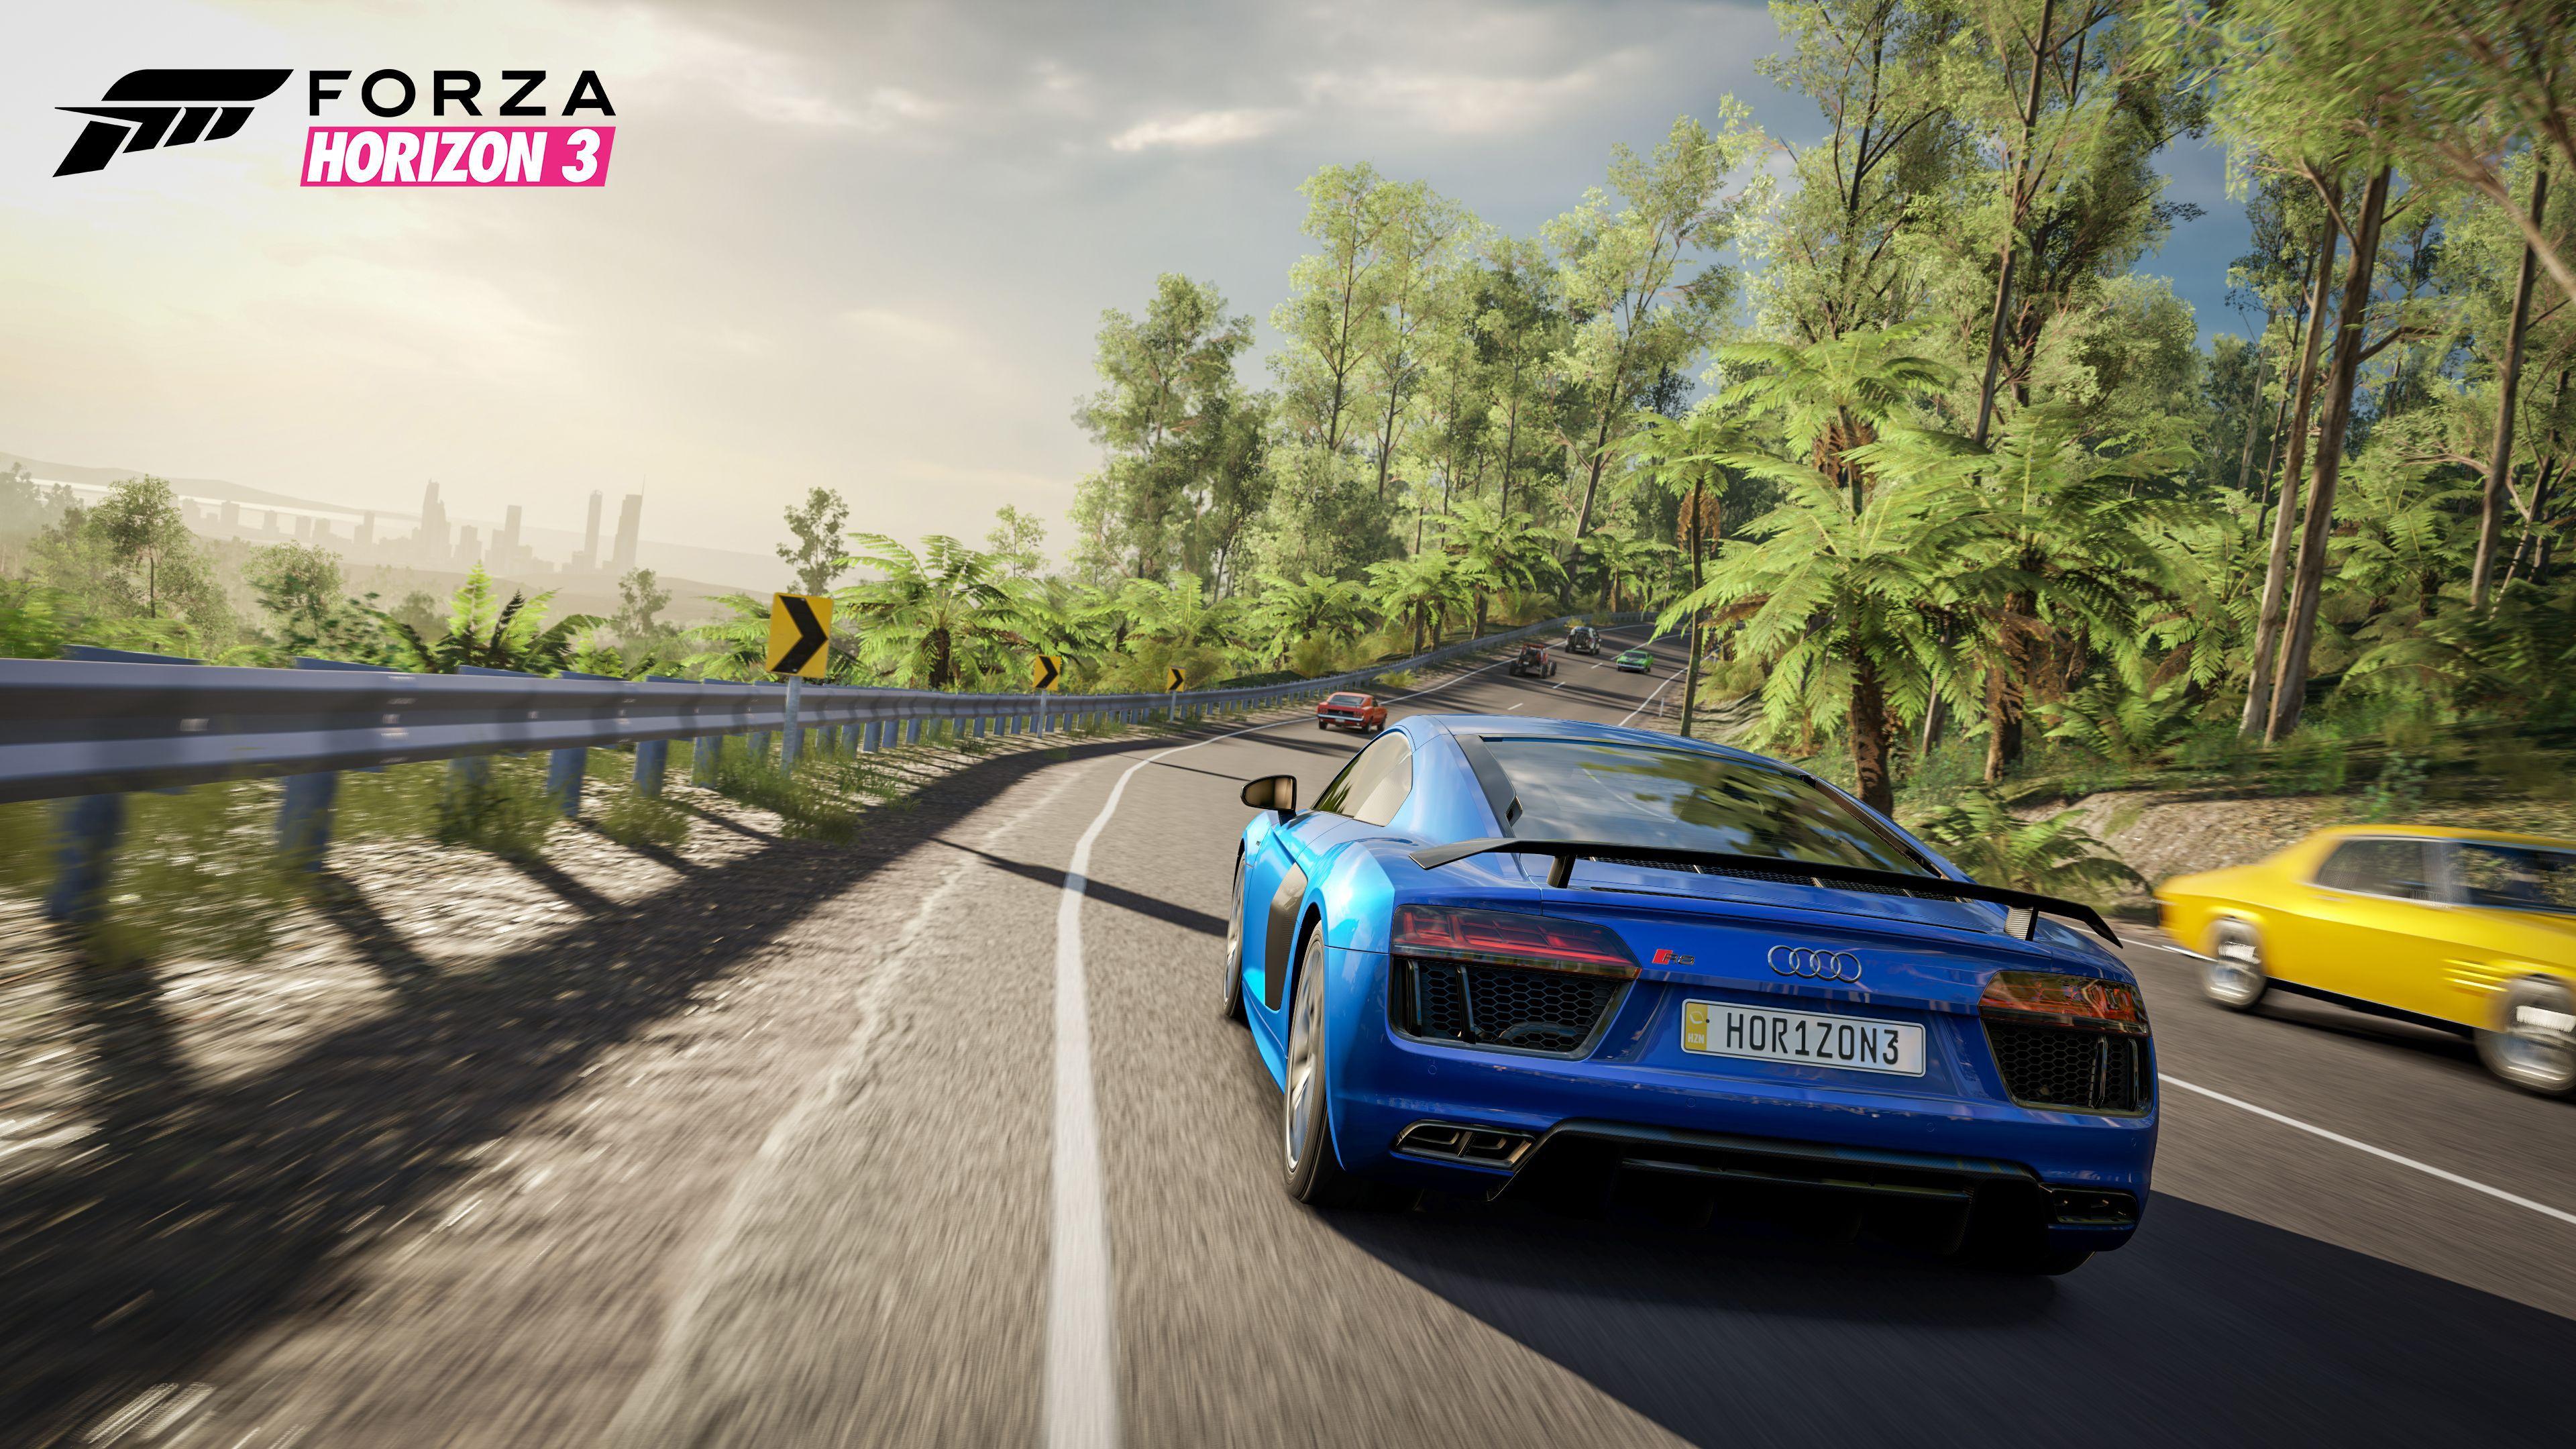 Forza Horizon 3 Screenshot Wallpapers | HD Wallpapers